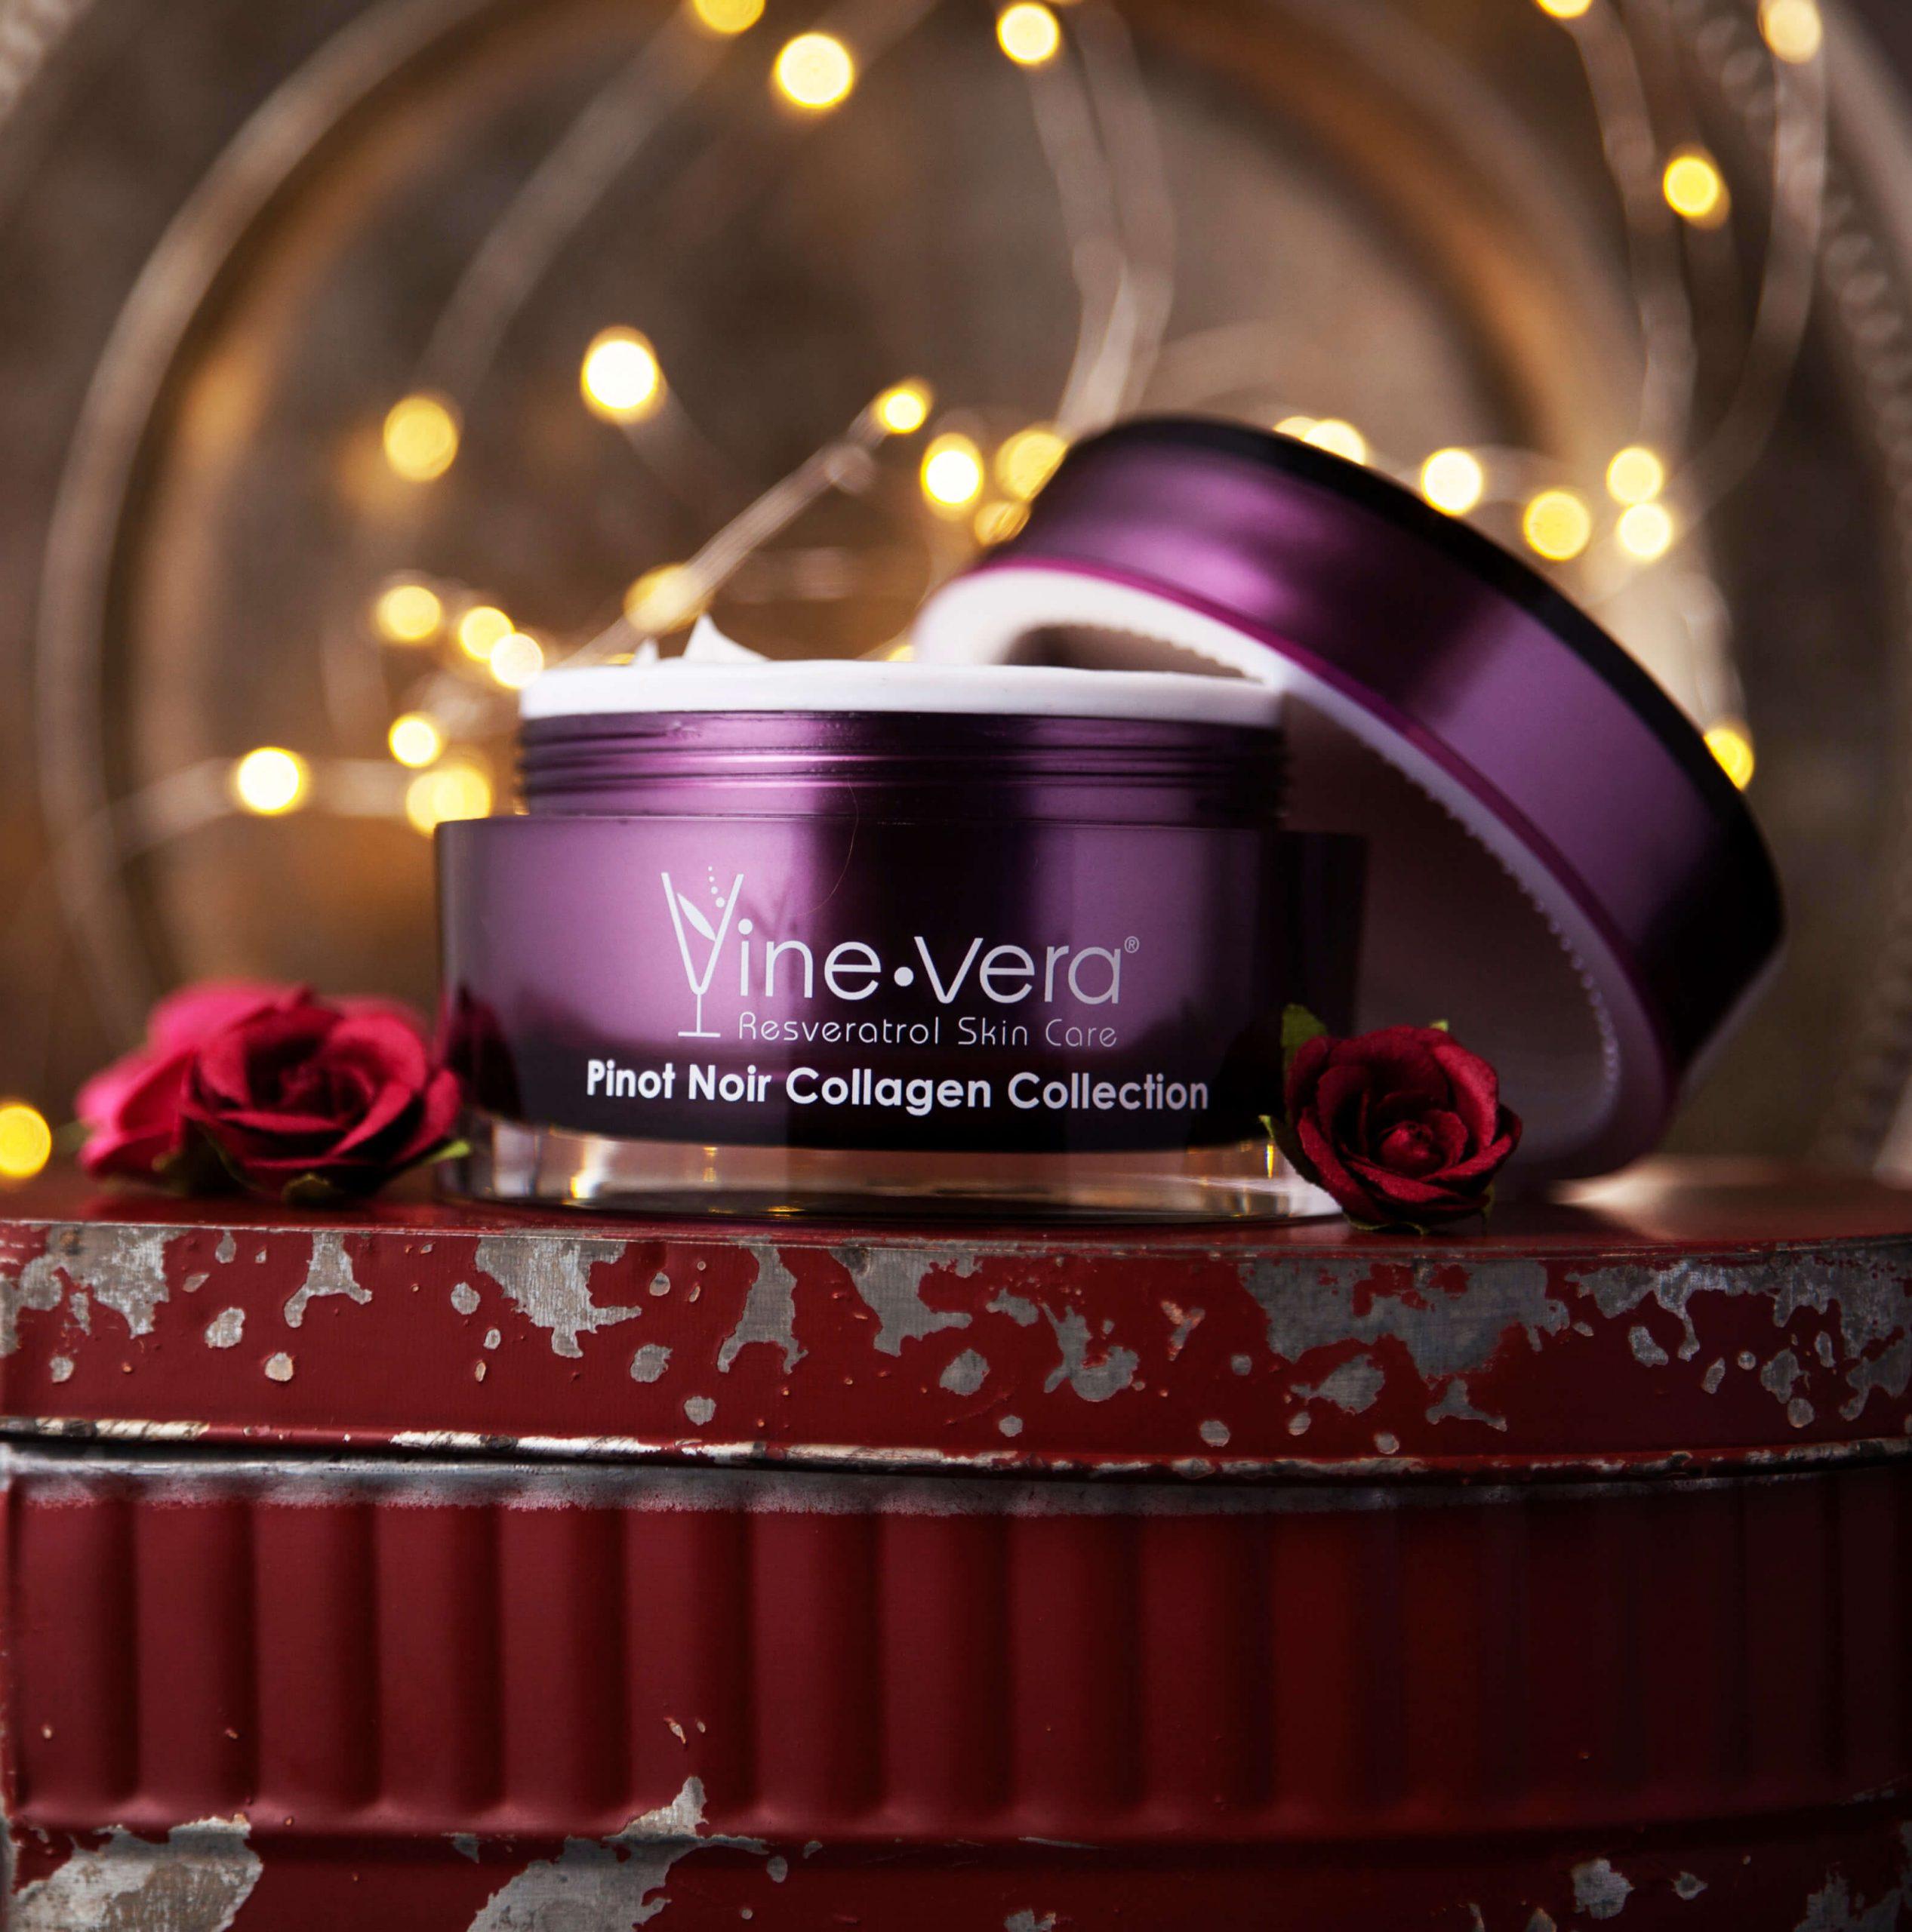 Vine Vera Skincare for fall